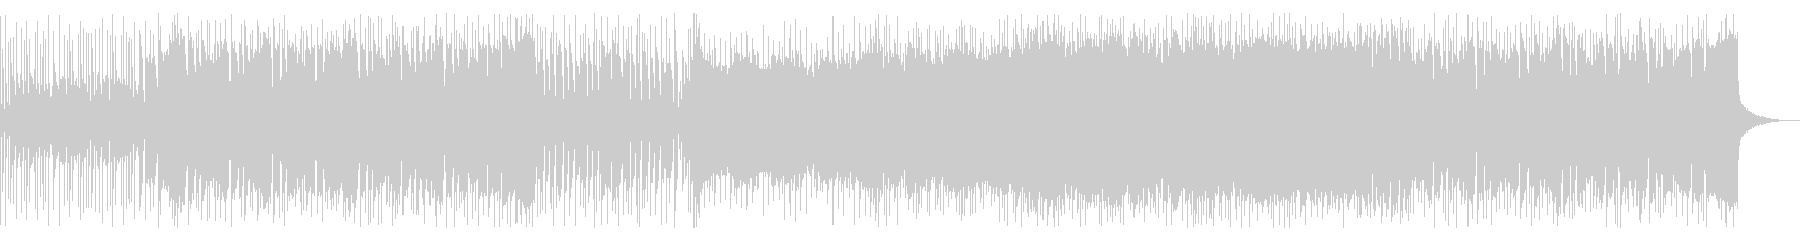 ファンキーでアップテンポなロックの未再生の波形